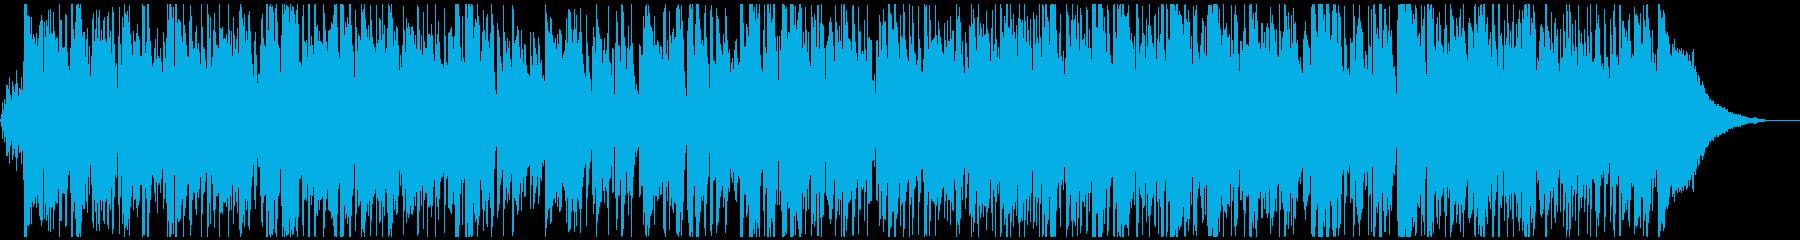 【生演奏】しっとり大人のカフェボサノバの再生済みの波形